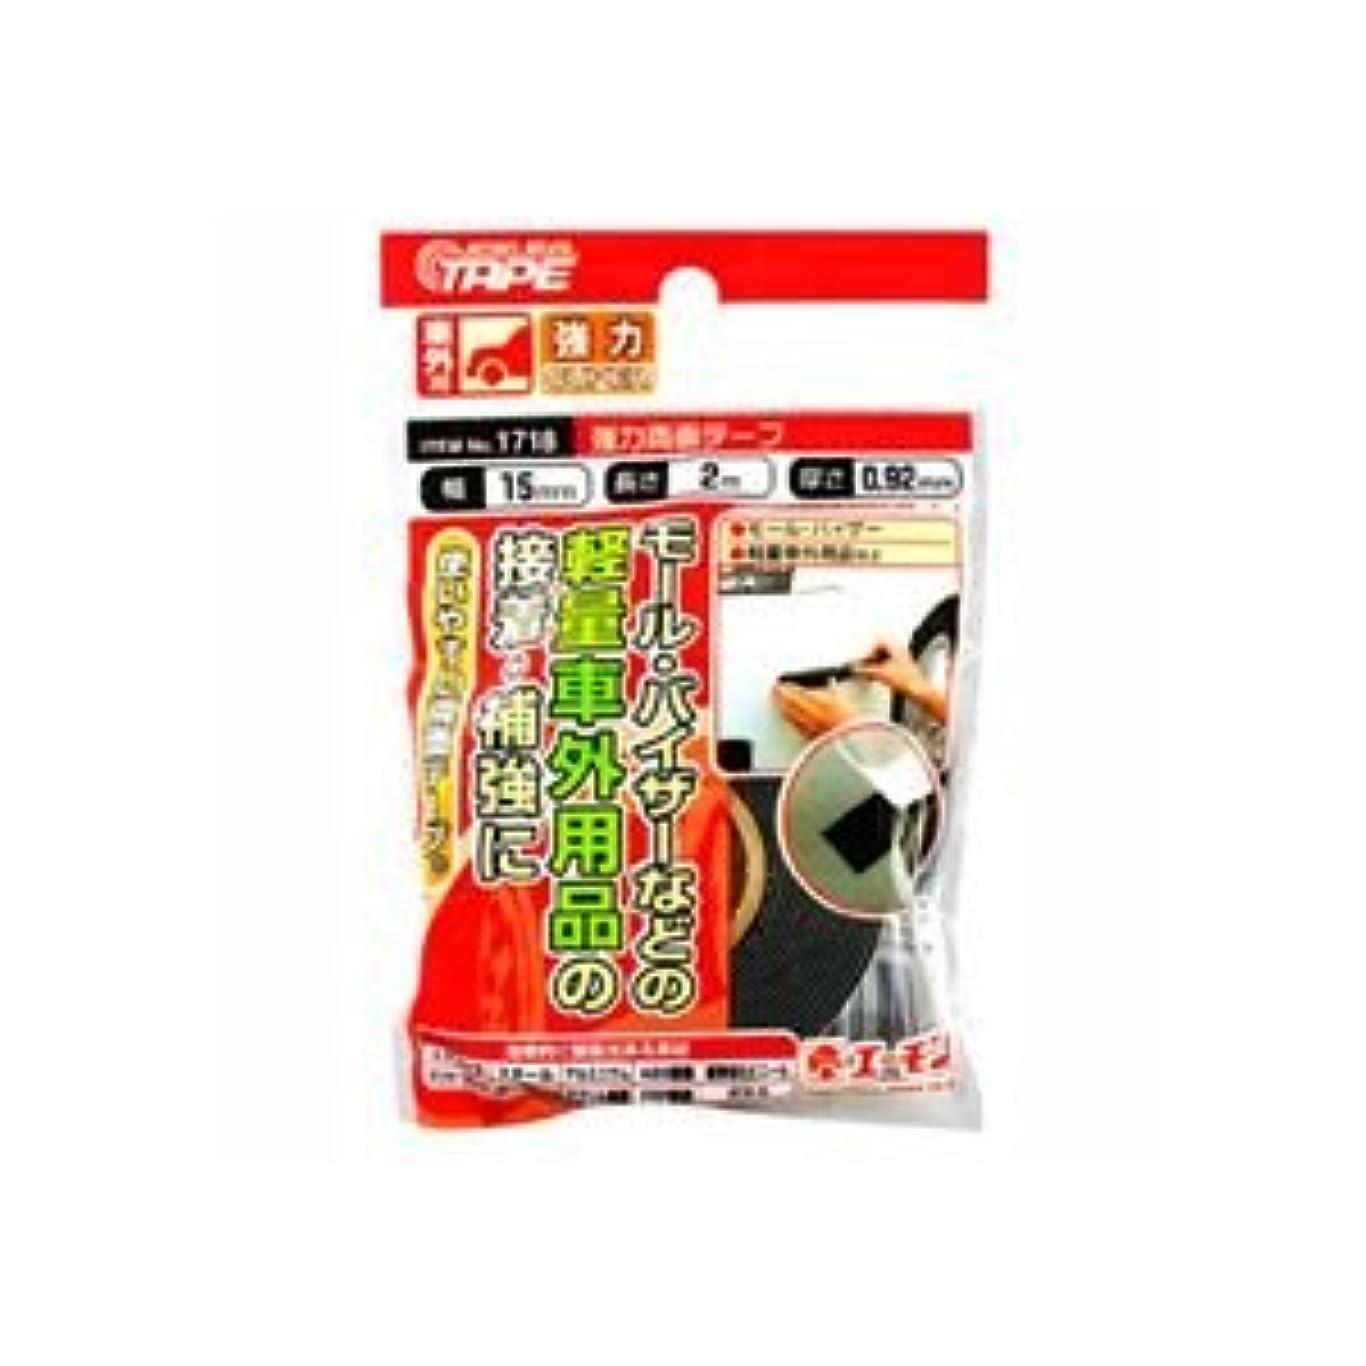 リサイクルする栄光連結する(まとめ) 強力両面テープ 1718 【×10セット】